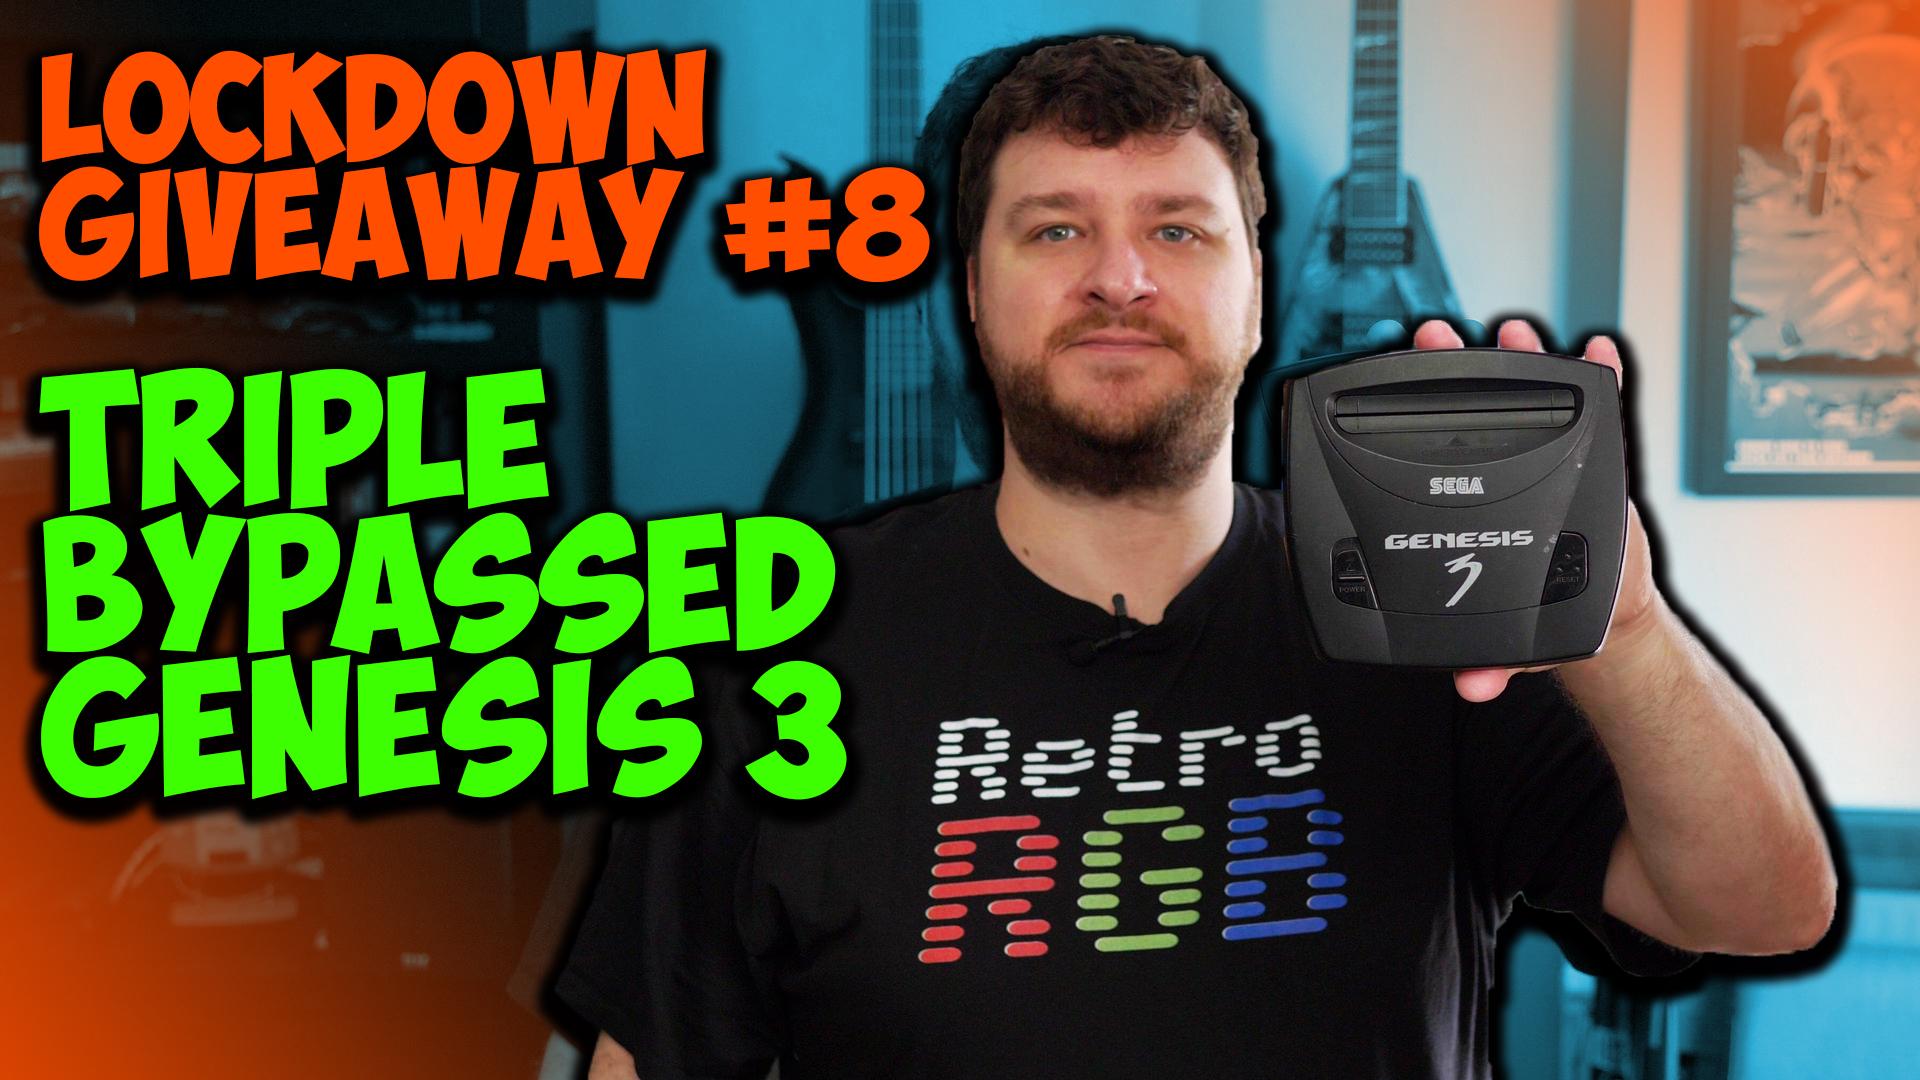 Lockdown Giveaway Week #8:  Triple Bypassed Genesis 3